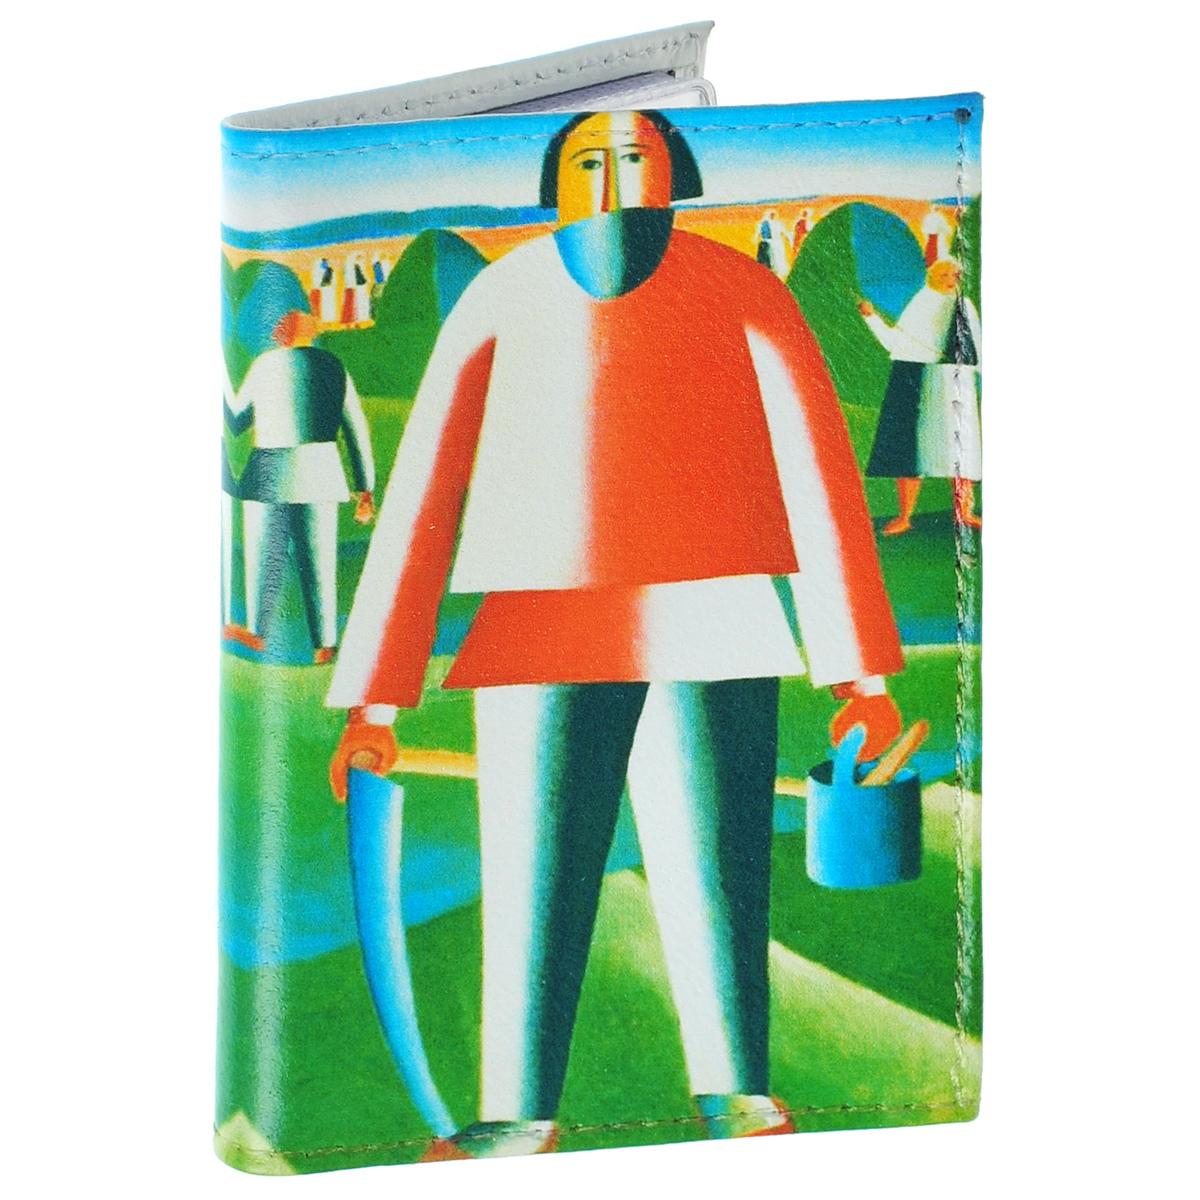 Визитница На сенокосе К. Малевич. VIZIT-22423/0330/181Оригинальная визитница Mitya Veselkov На сенокосе - стильная вещь для хранения визиток. Она выполнена из натуральной кожи и оформлена фрагментом картины Малевича На сенокосе. Внутри содержится съемный блок из прозрачного мягкого пластика на 18 визиток и 2 прозрачных вертикальных кармана. Яркая и оригинальная визитница подчеркнет вашу индивидуальность и изысканный вкус, а также станет замечательным подарком человеку, ценящему качественные и практичные вещи.